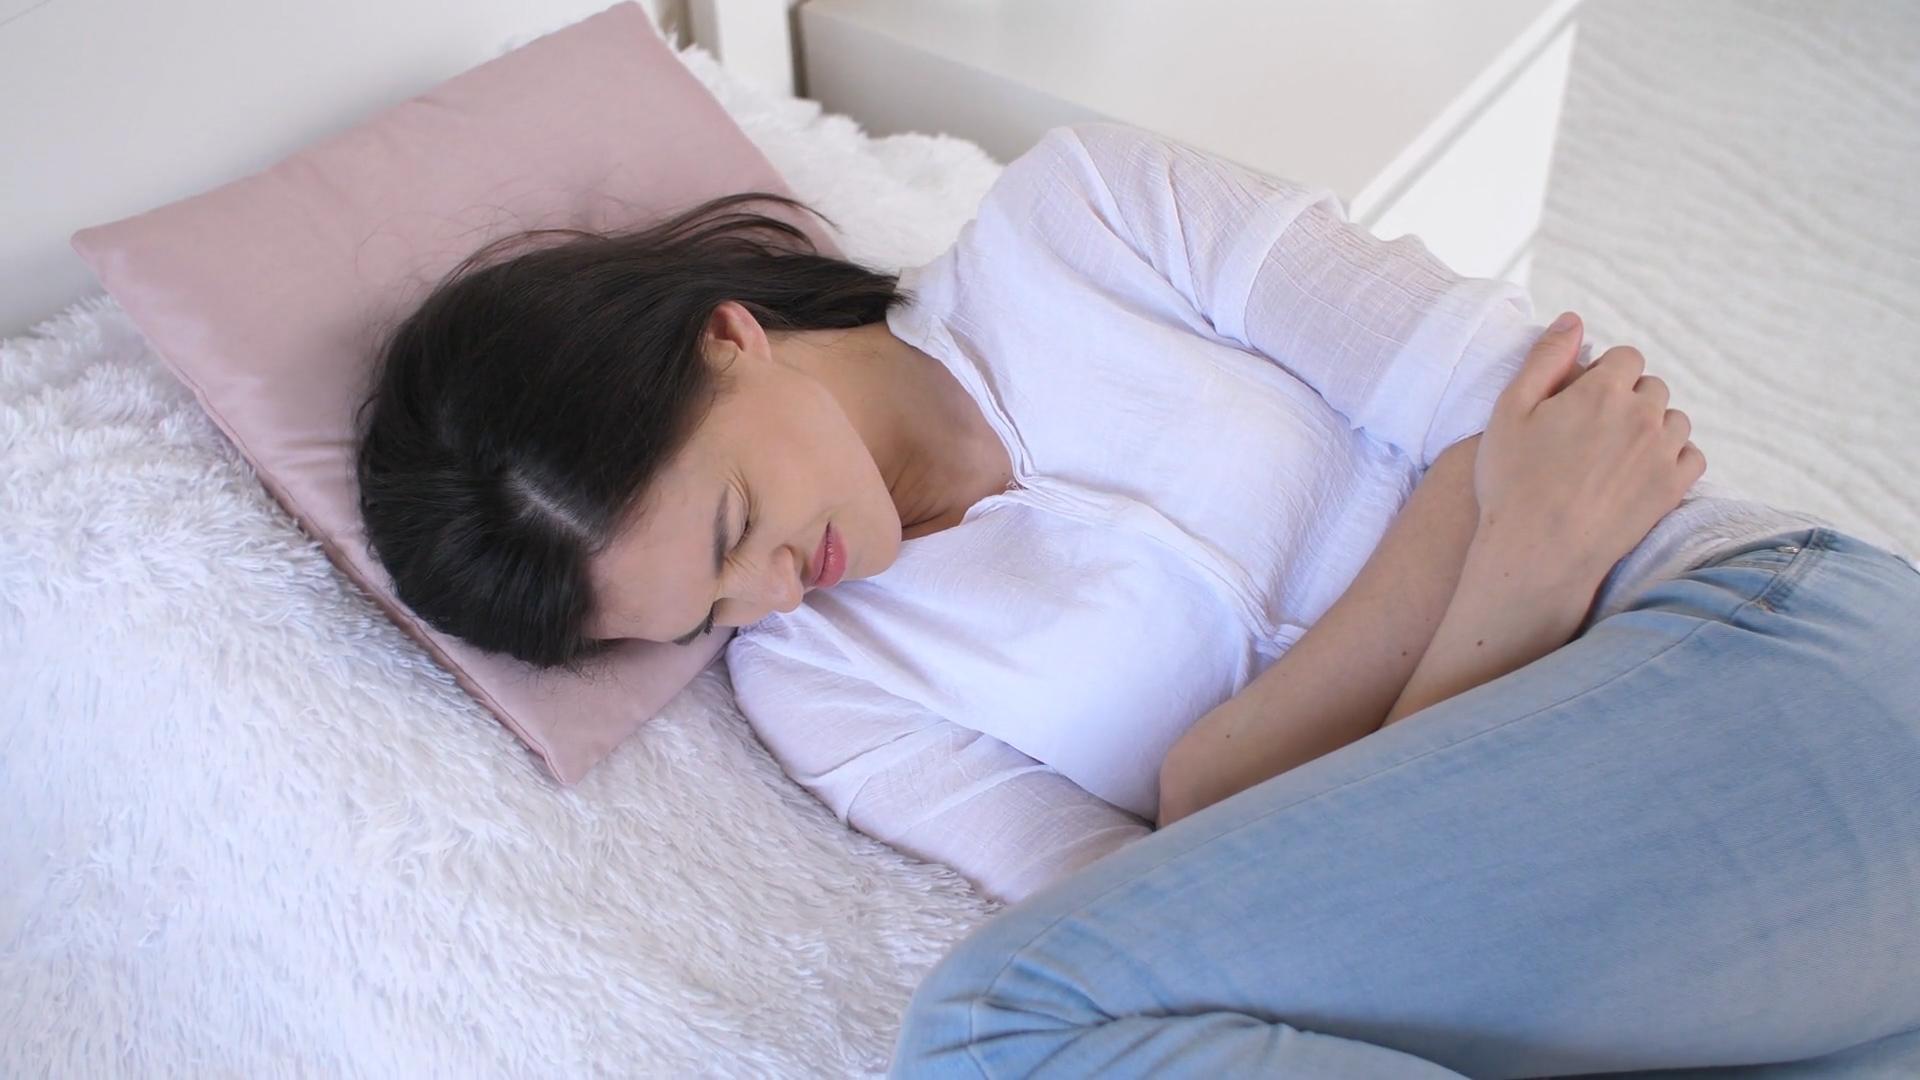 6 objawów menstruacji, o których musisz powiedzieć lekarzowi